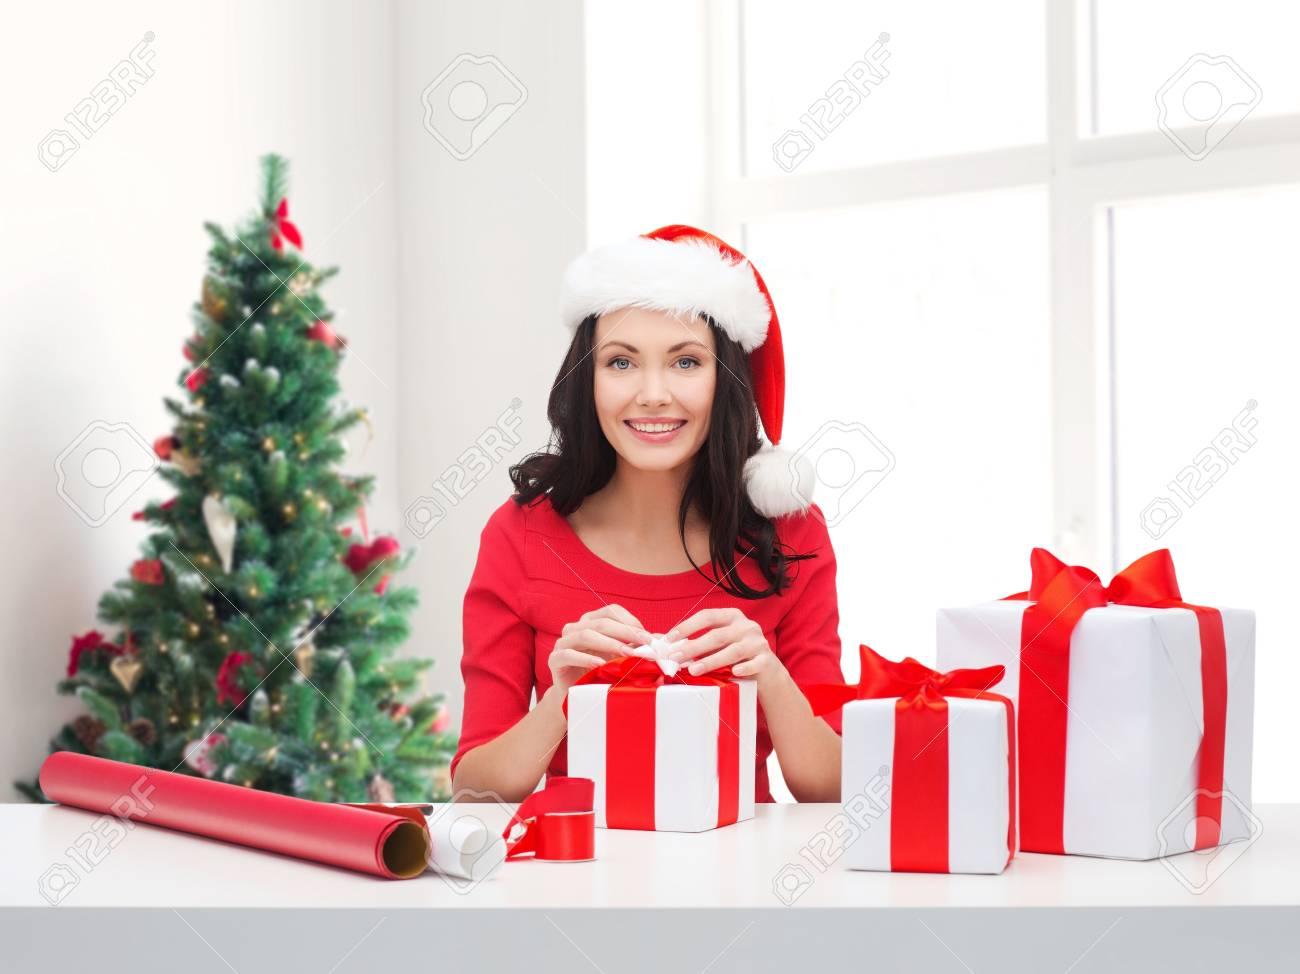 ... Und Personen Konzept   Lächelnde Frau In Santa Helfer Hut Mit Dekoration  Papierverpackung Geschenk Boxen über Wohnzimmer Und Weihnachtsbaum  Hintergrund